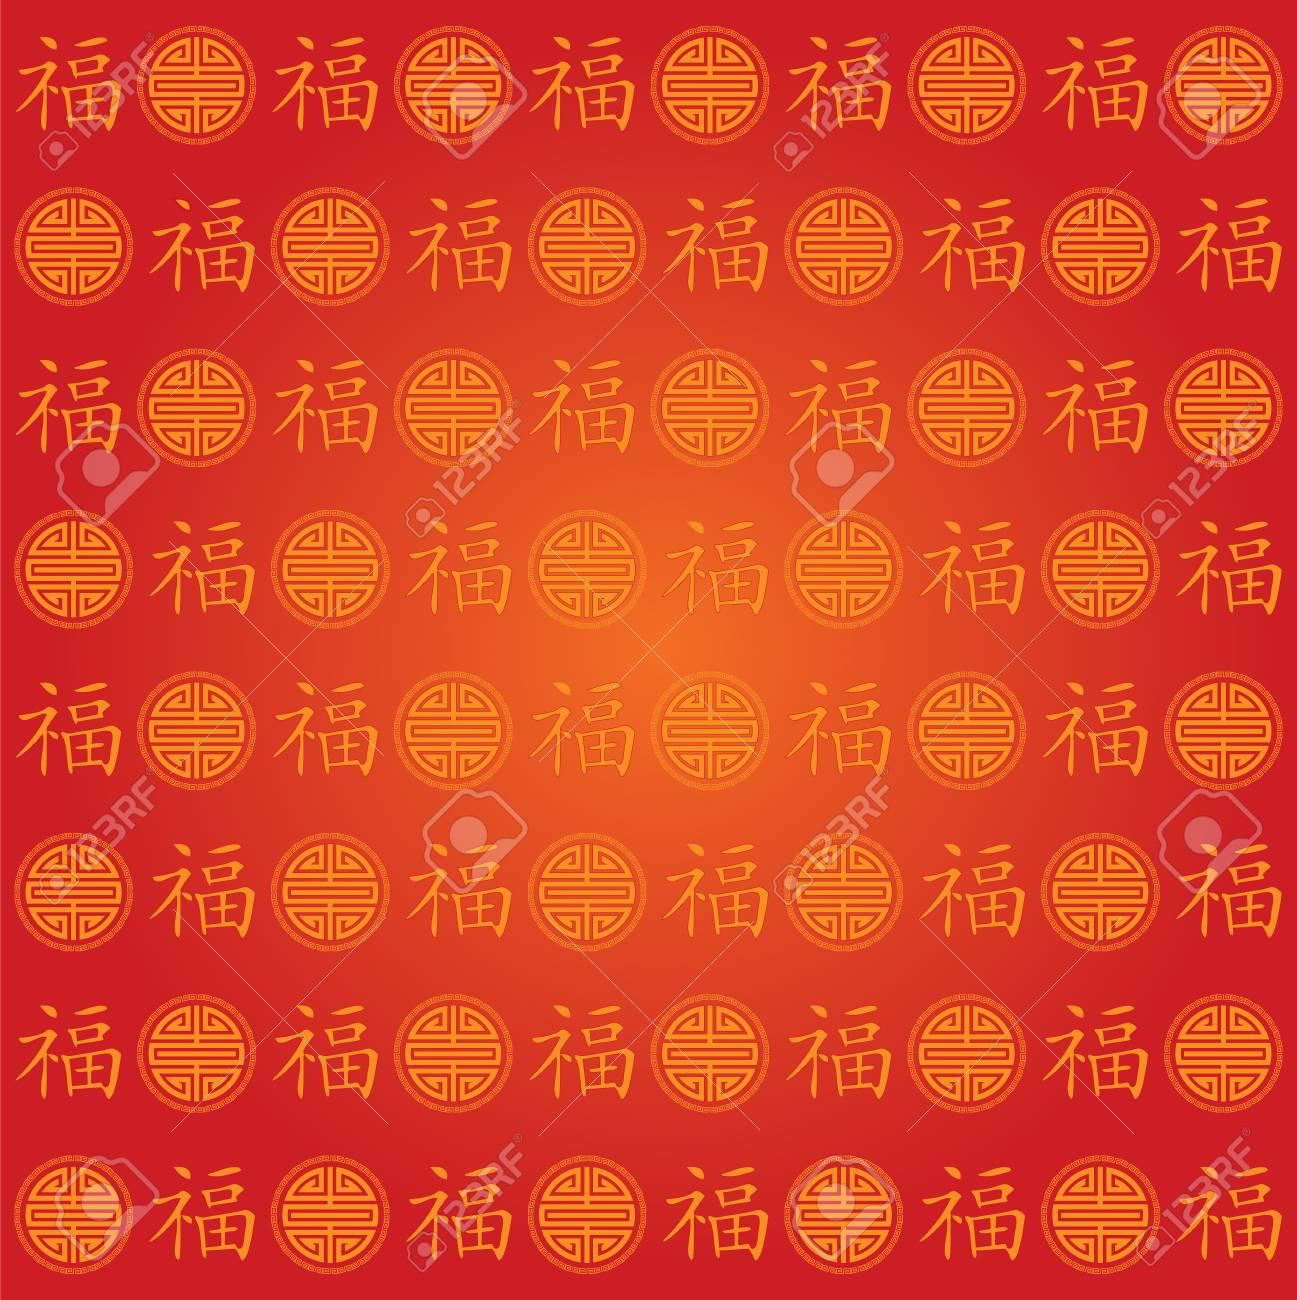 幸運のシンボルと伝統的な中国のシームレスな壁紙のイラスト素材 ベクタ Image